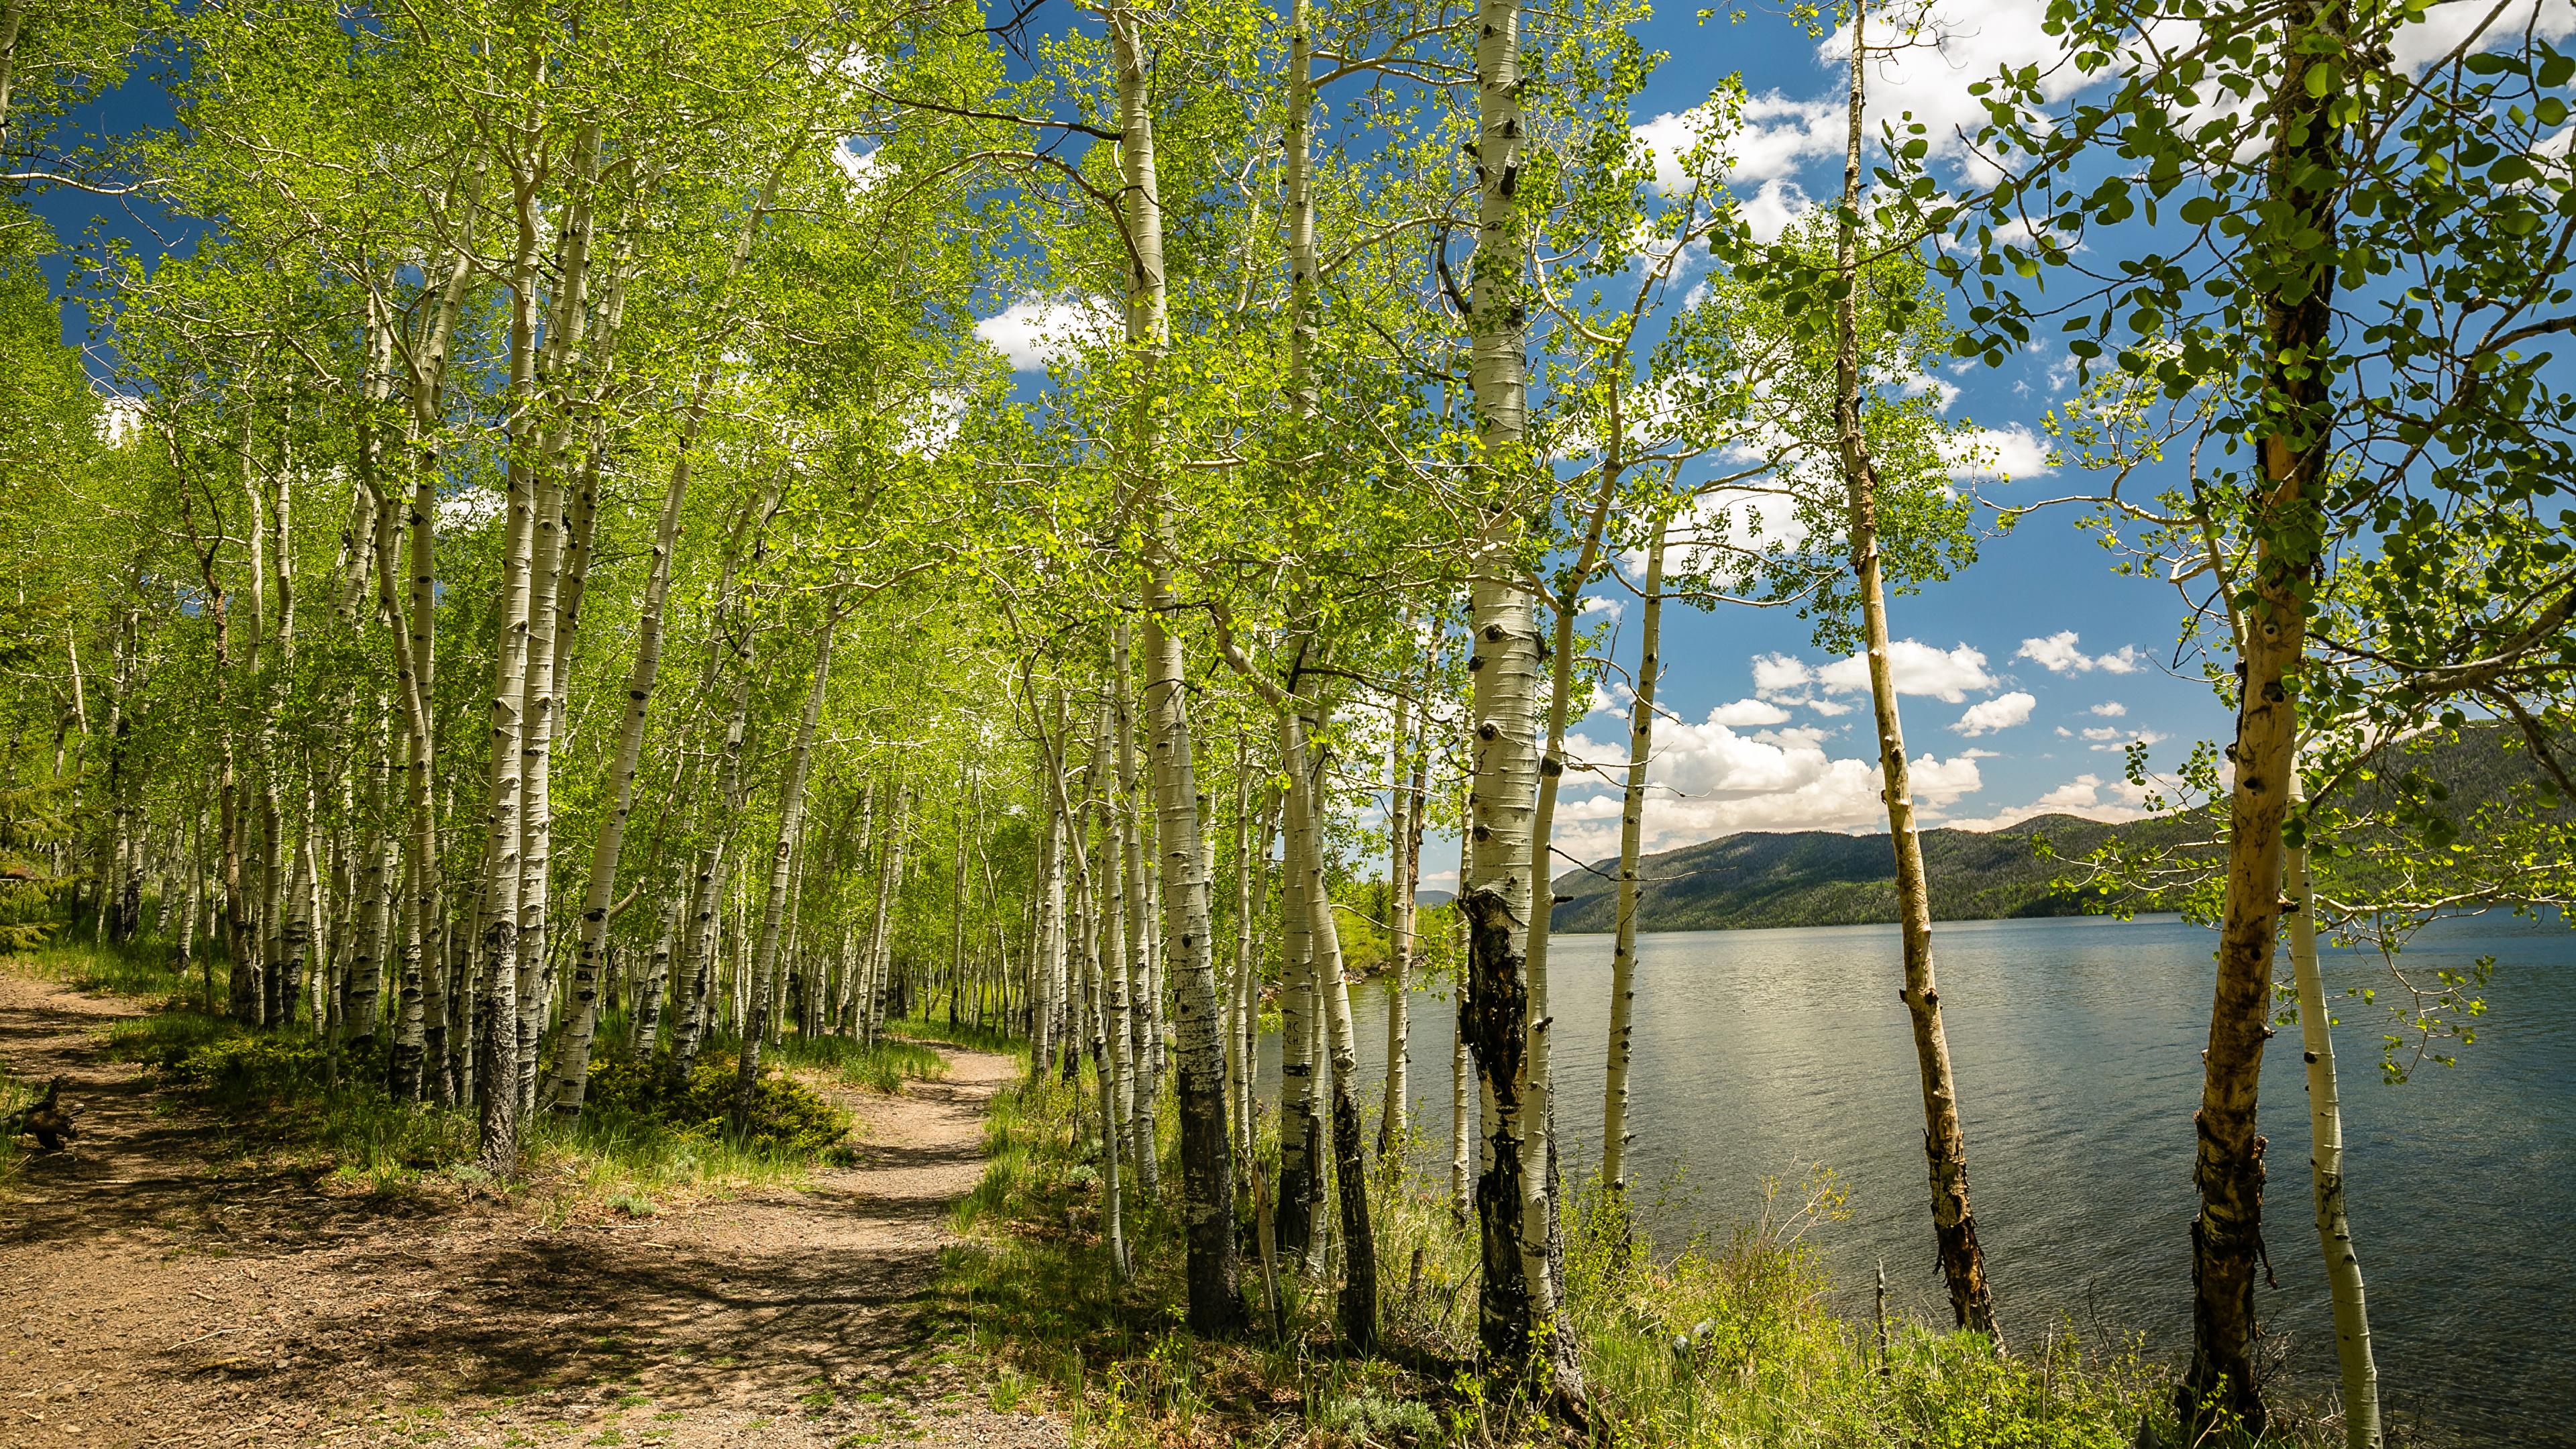 природа береза деревья вода озеро лес  № 2791947 бесплатно